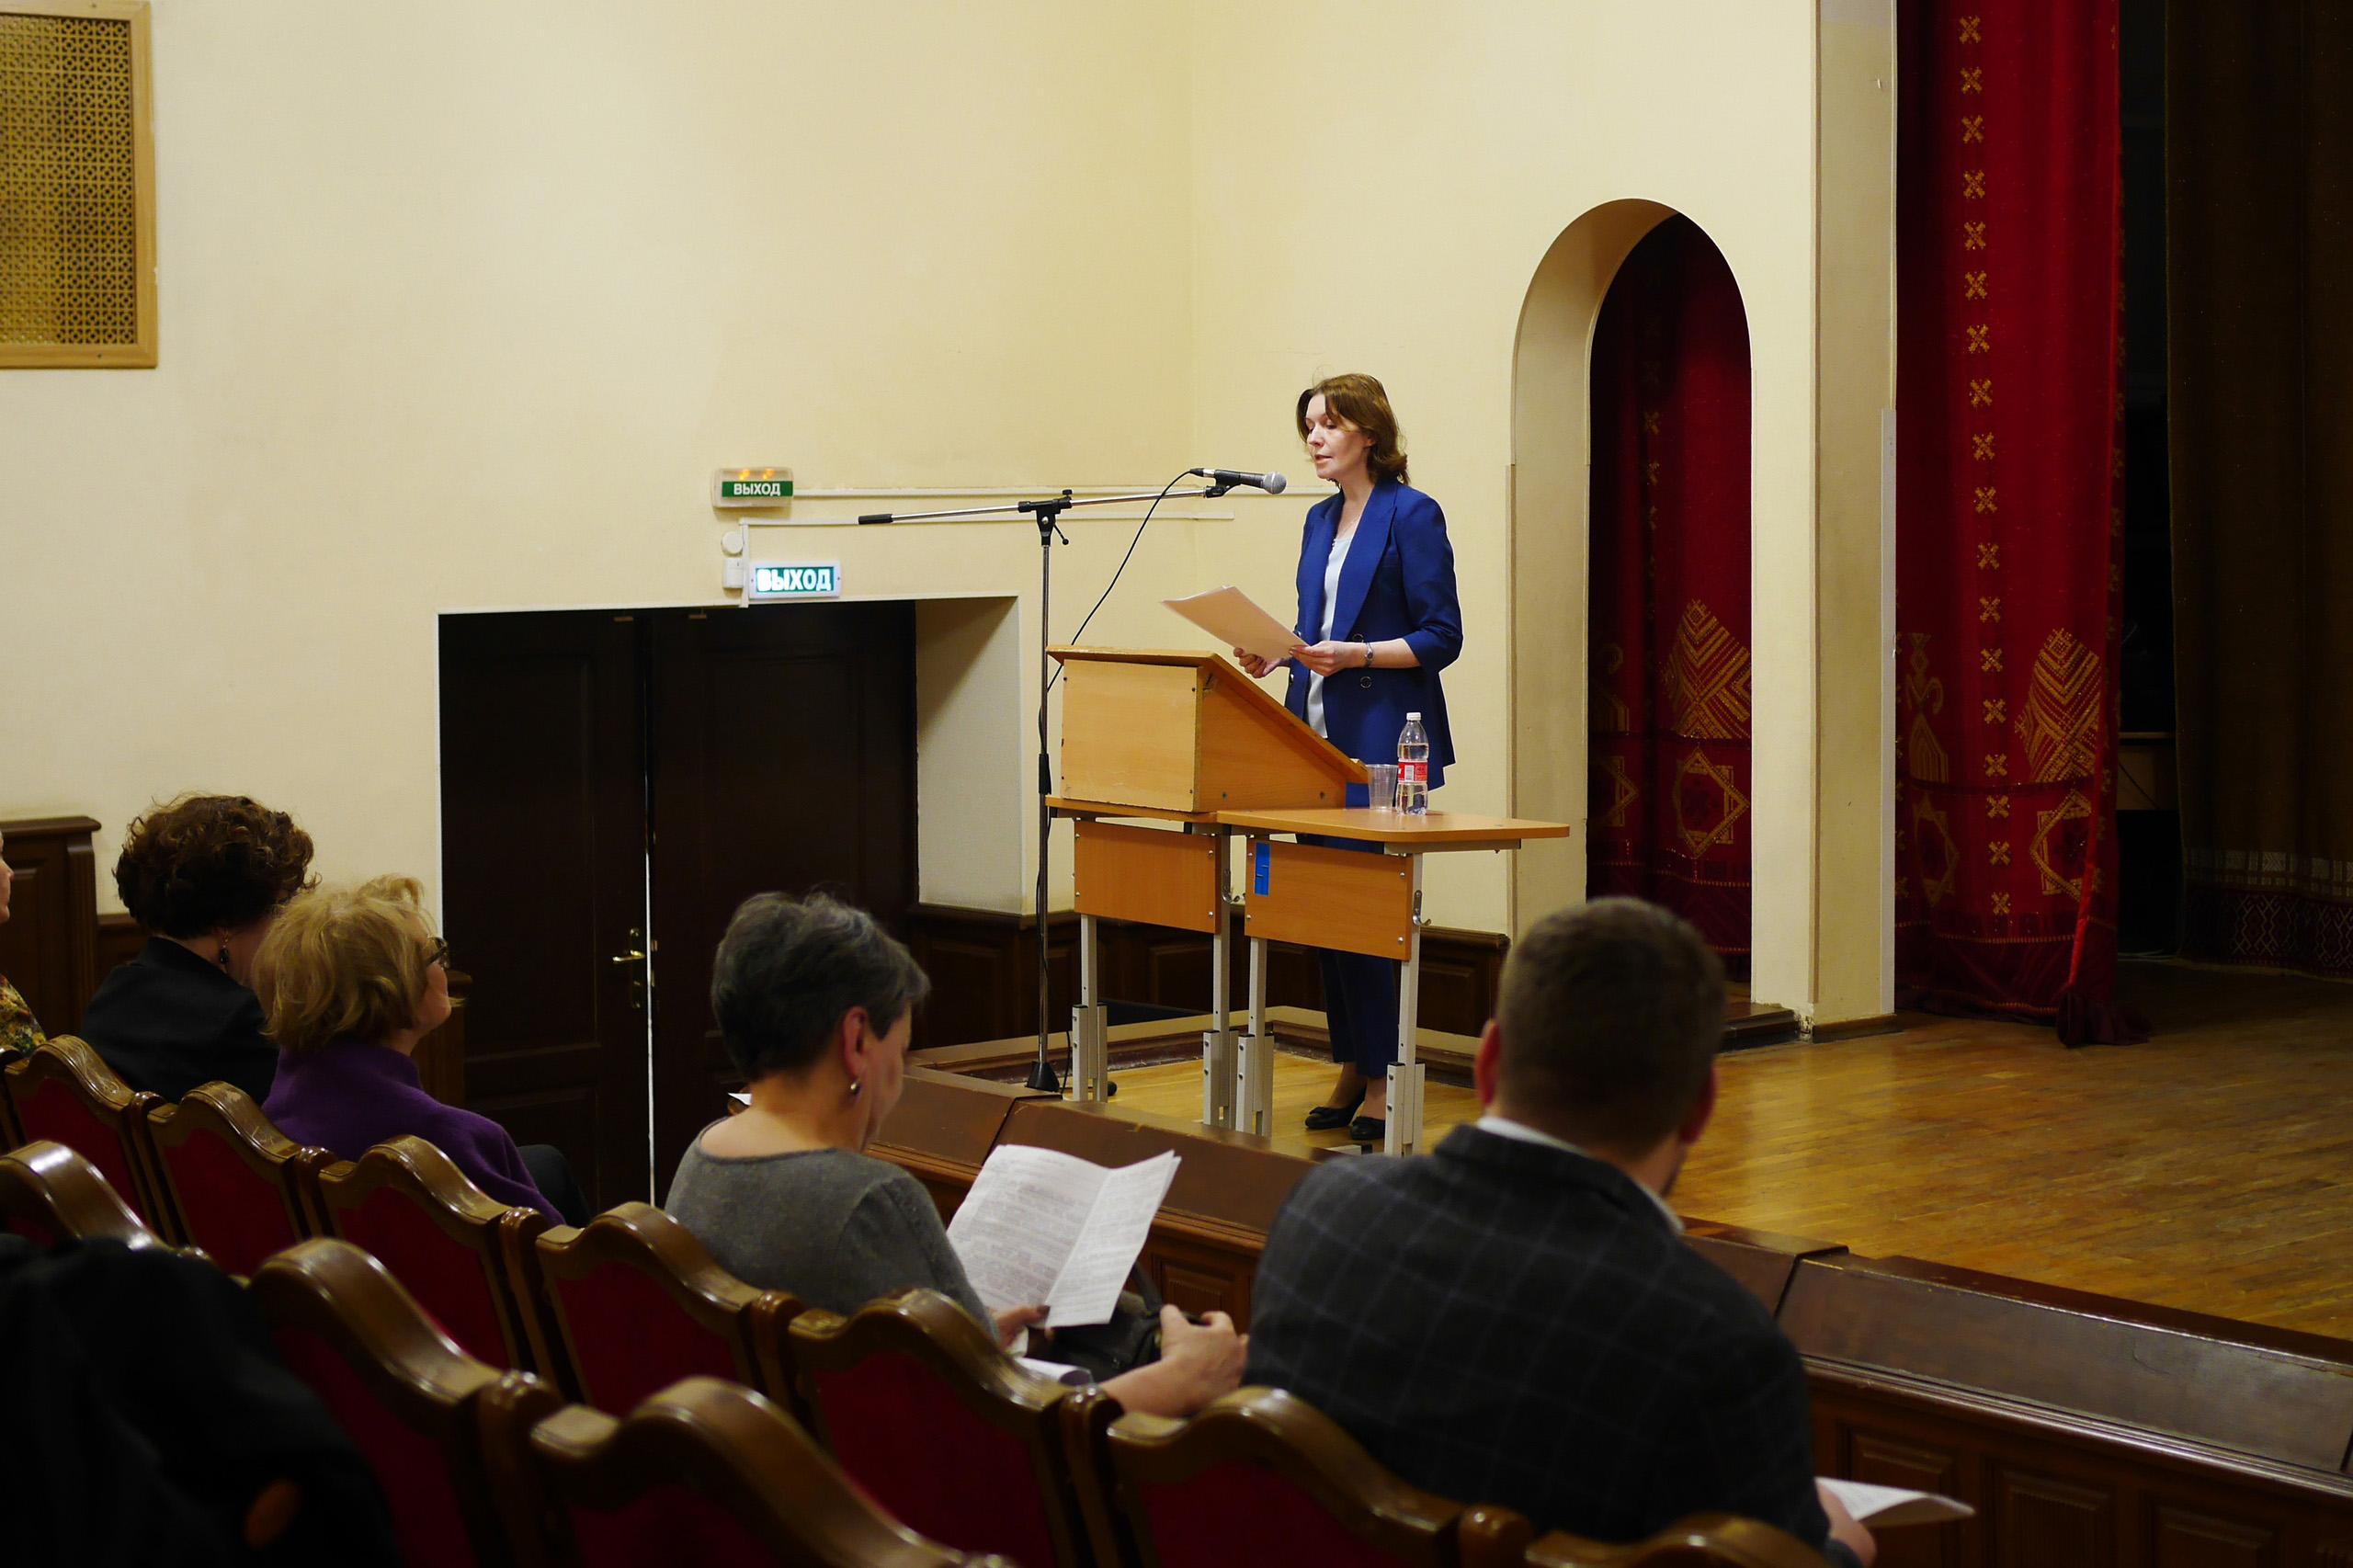 XXIV-nauchno-praktic-konferenciya-2019-4